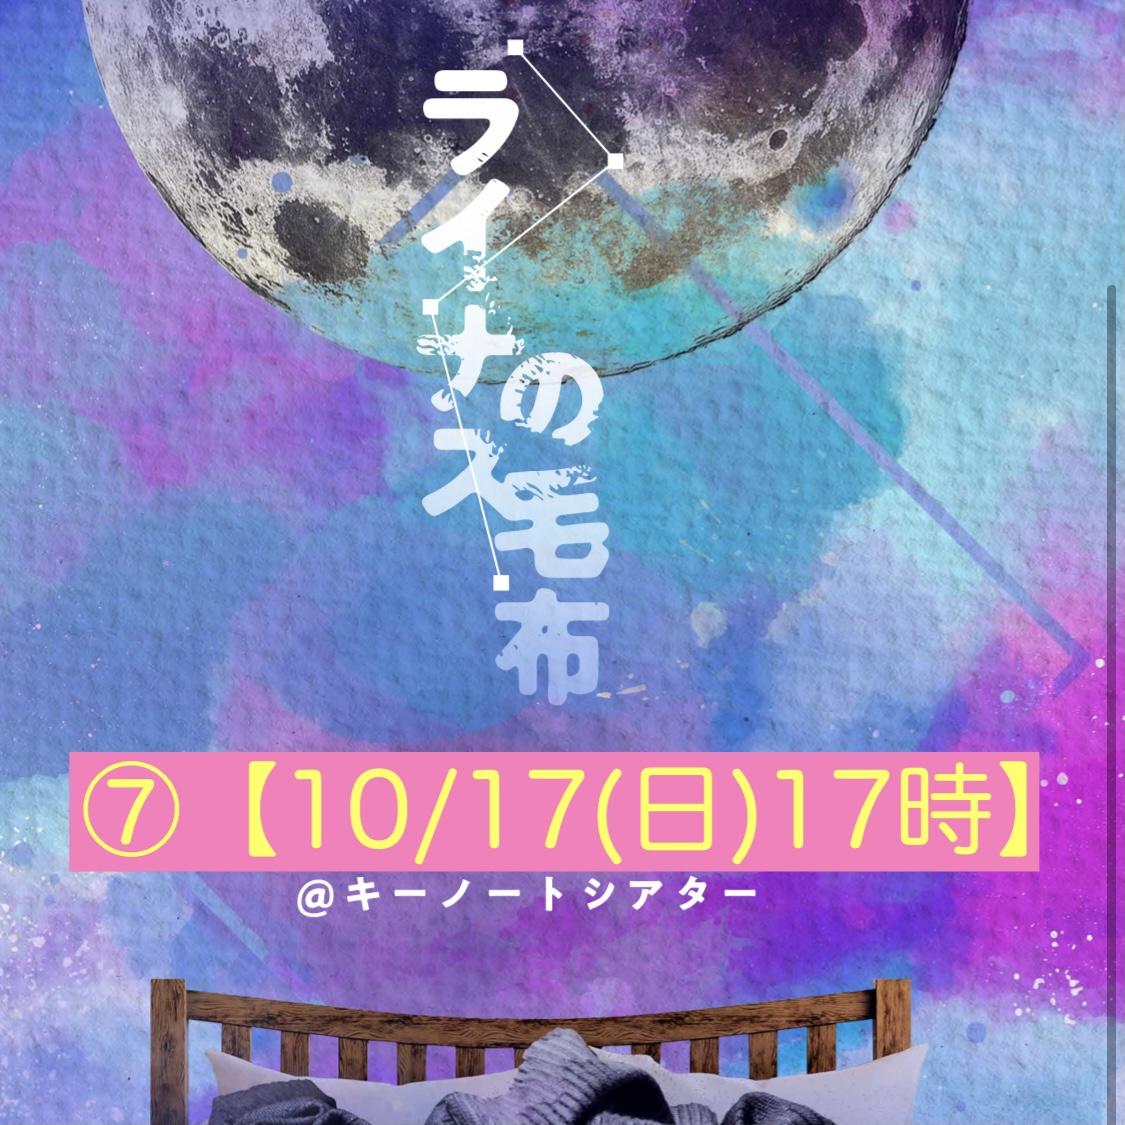 _07【10/17(日)17時】  『ライナスの毛布』